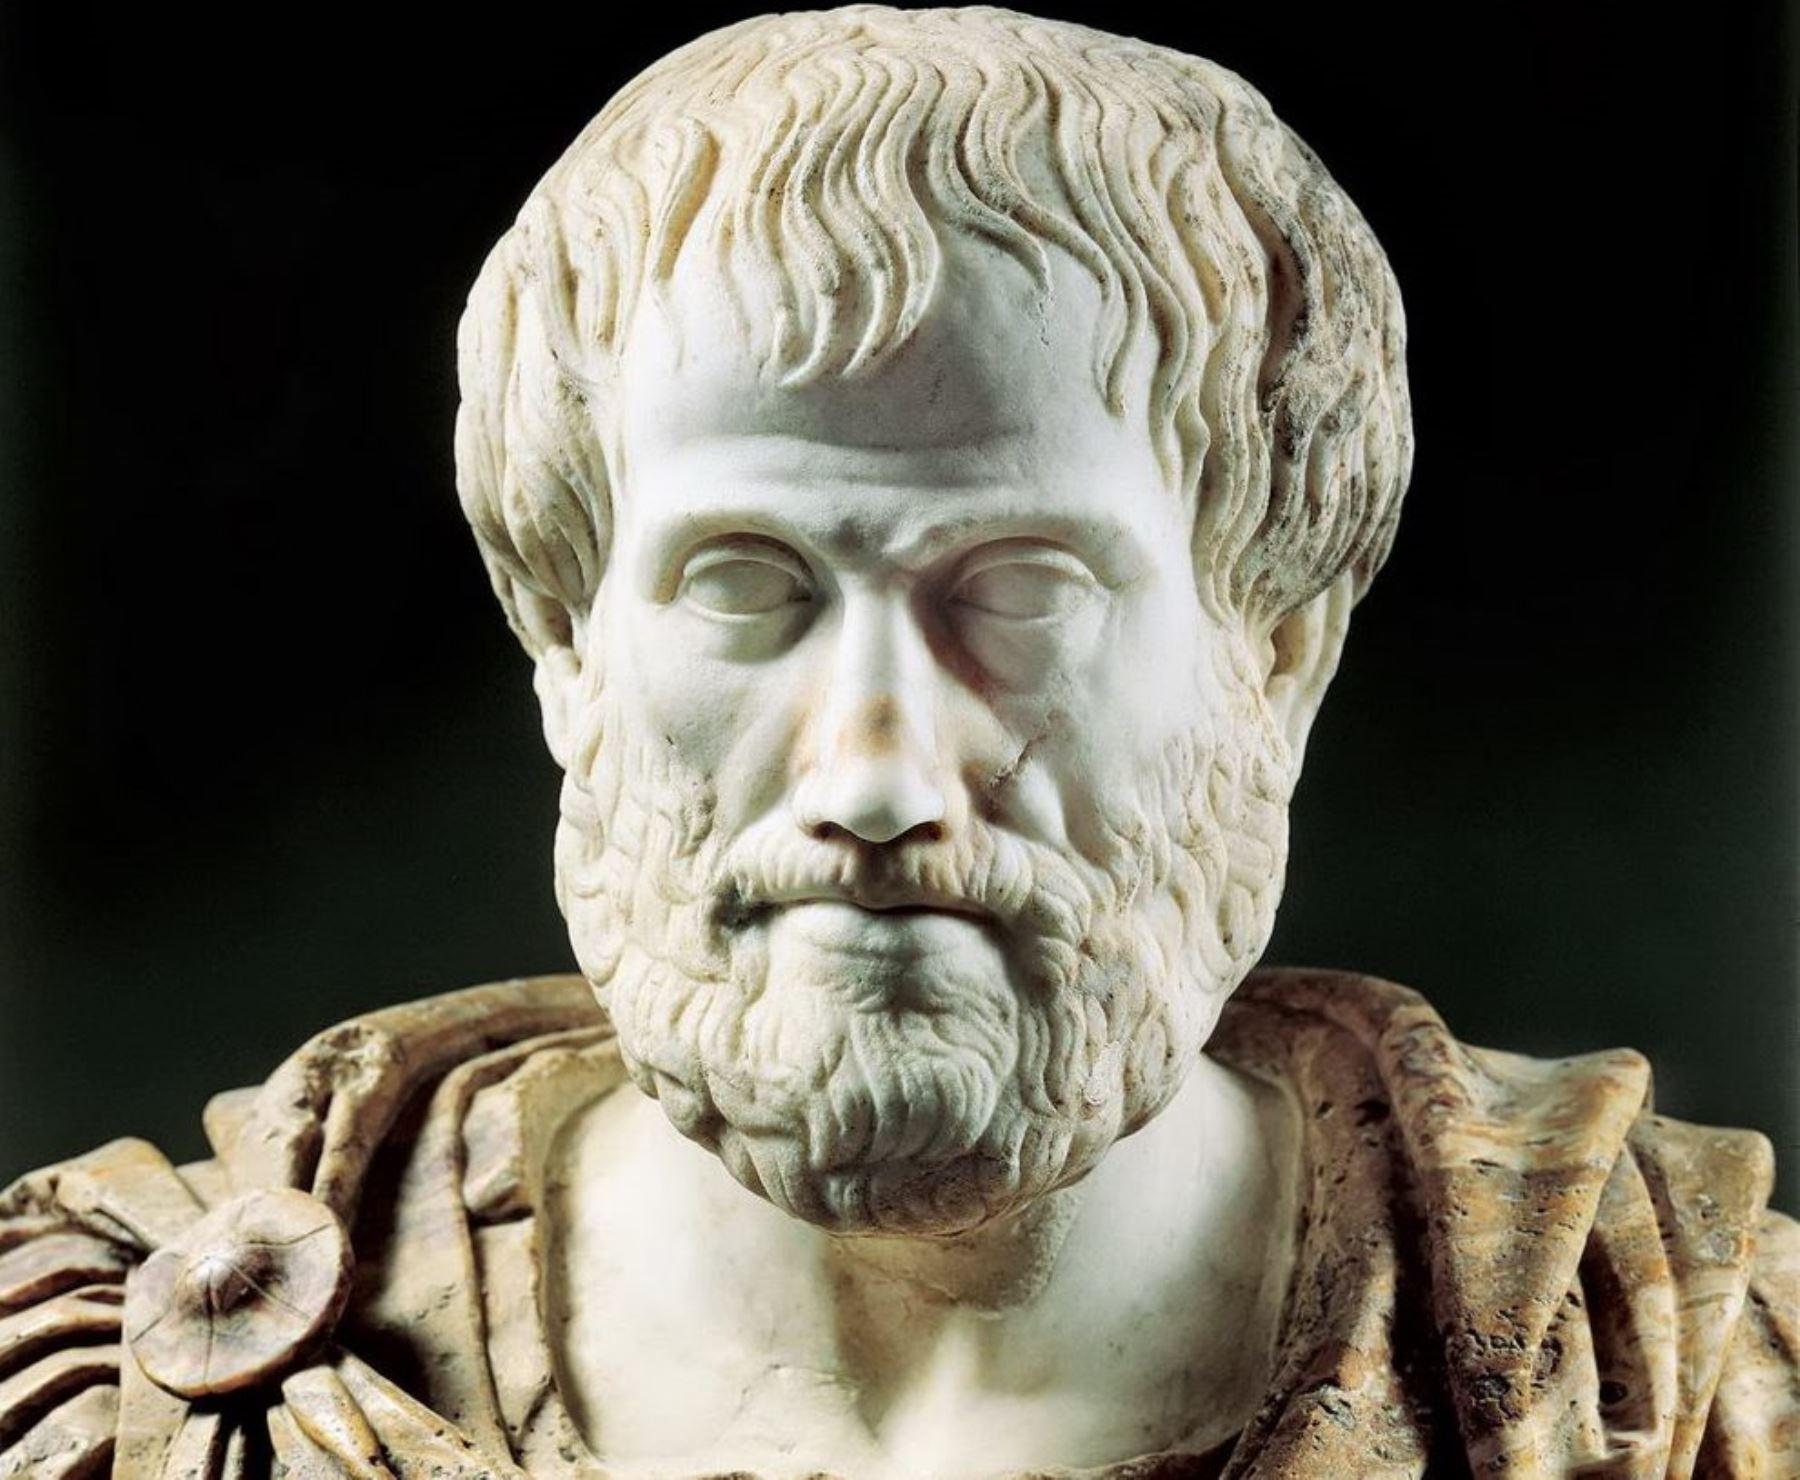 Aristóteles, uno de los más valiosos filósofos del mundo antiguo griego. Internet/Medios